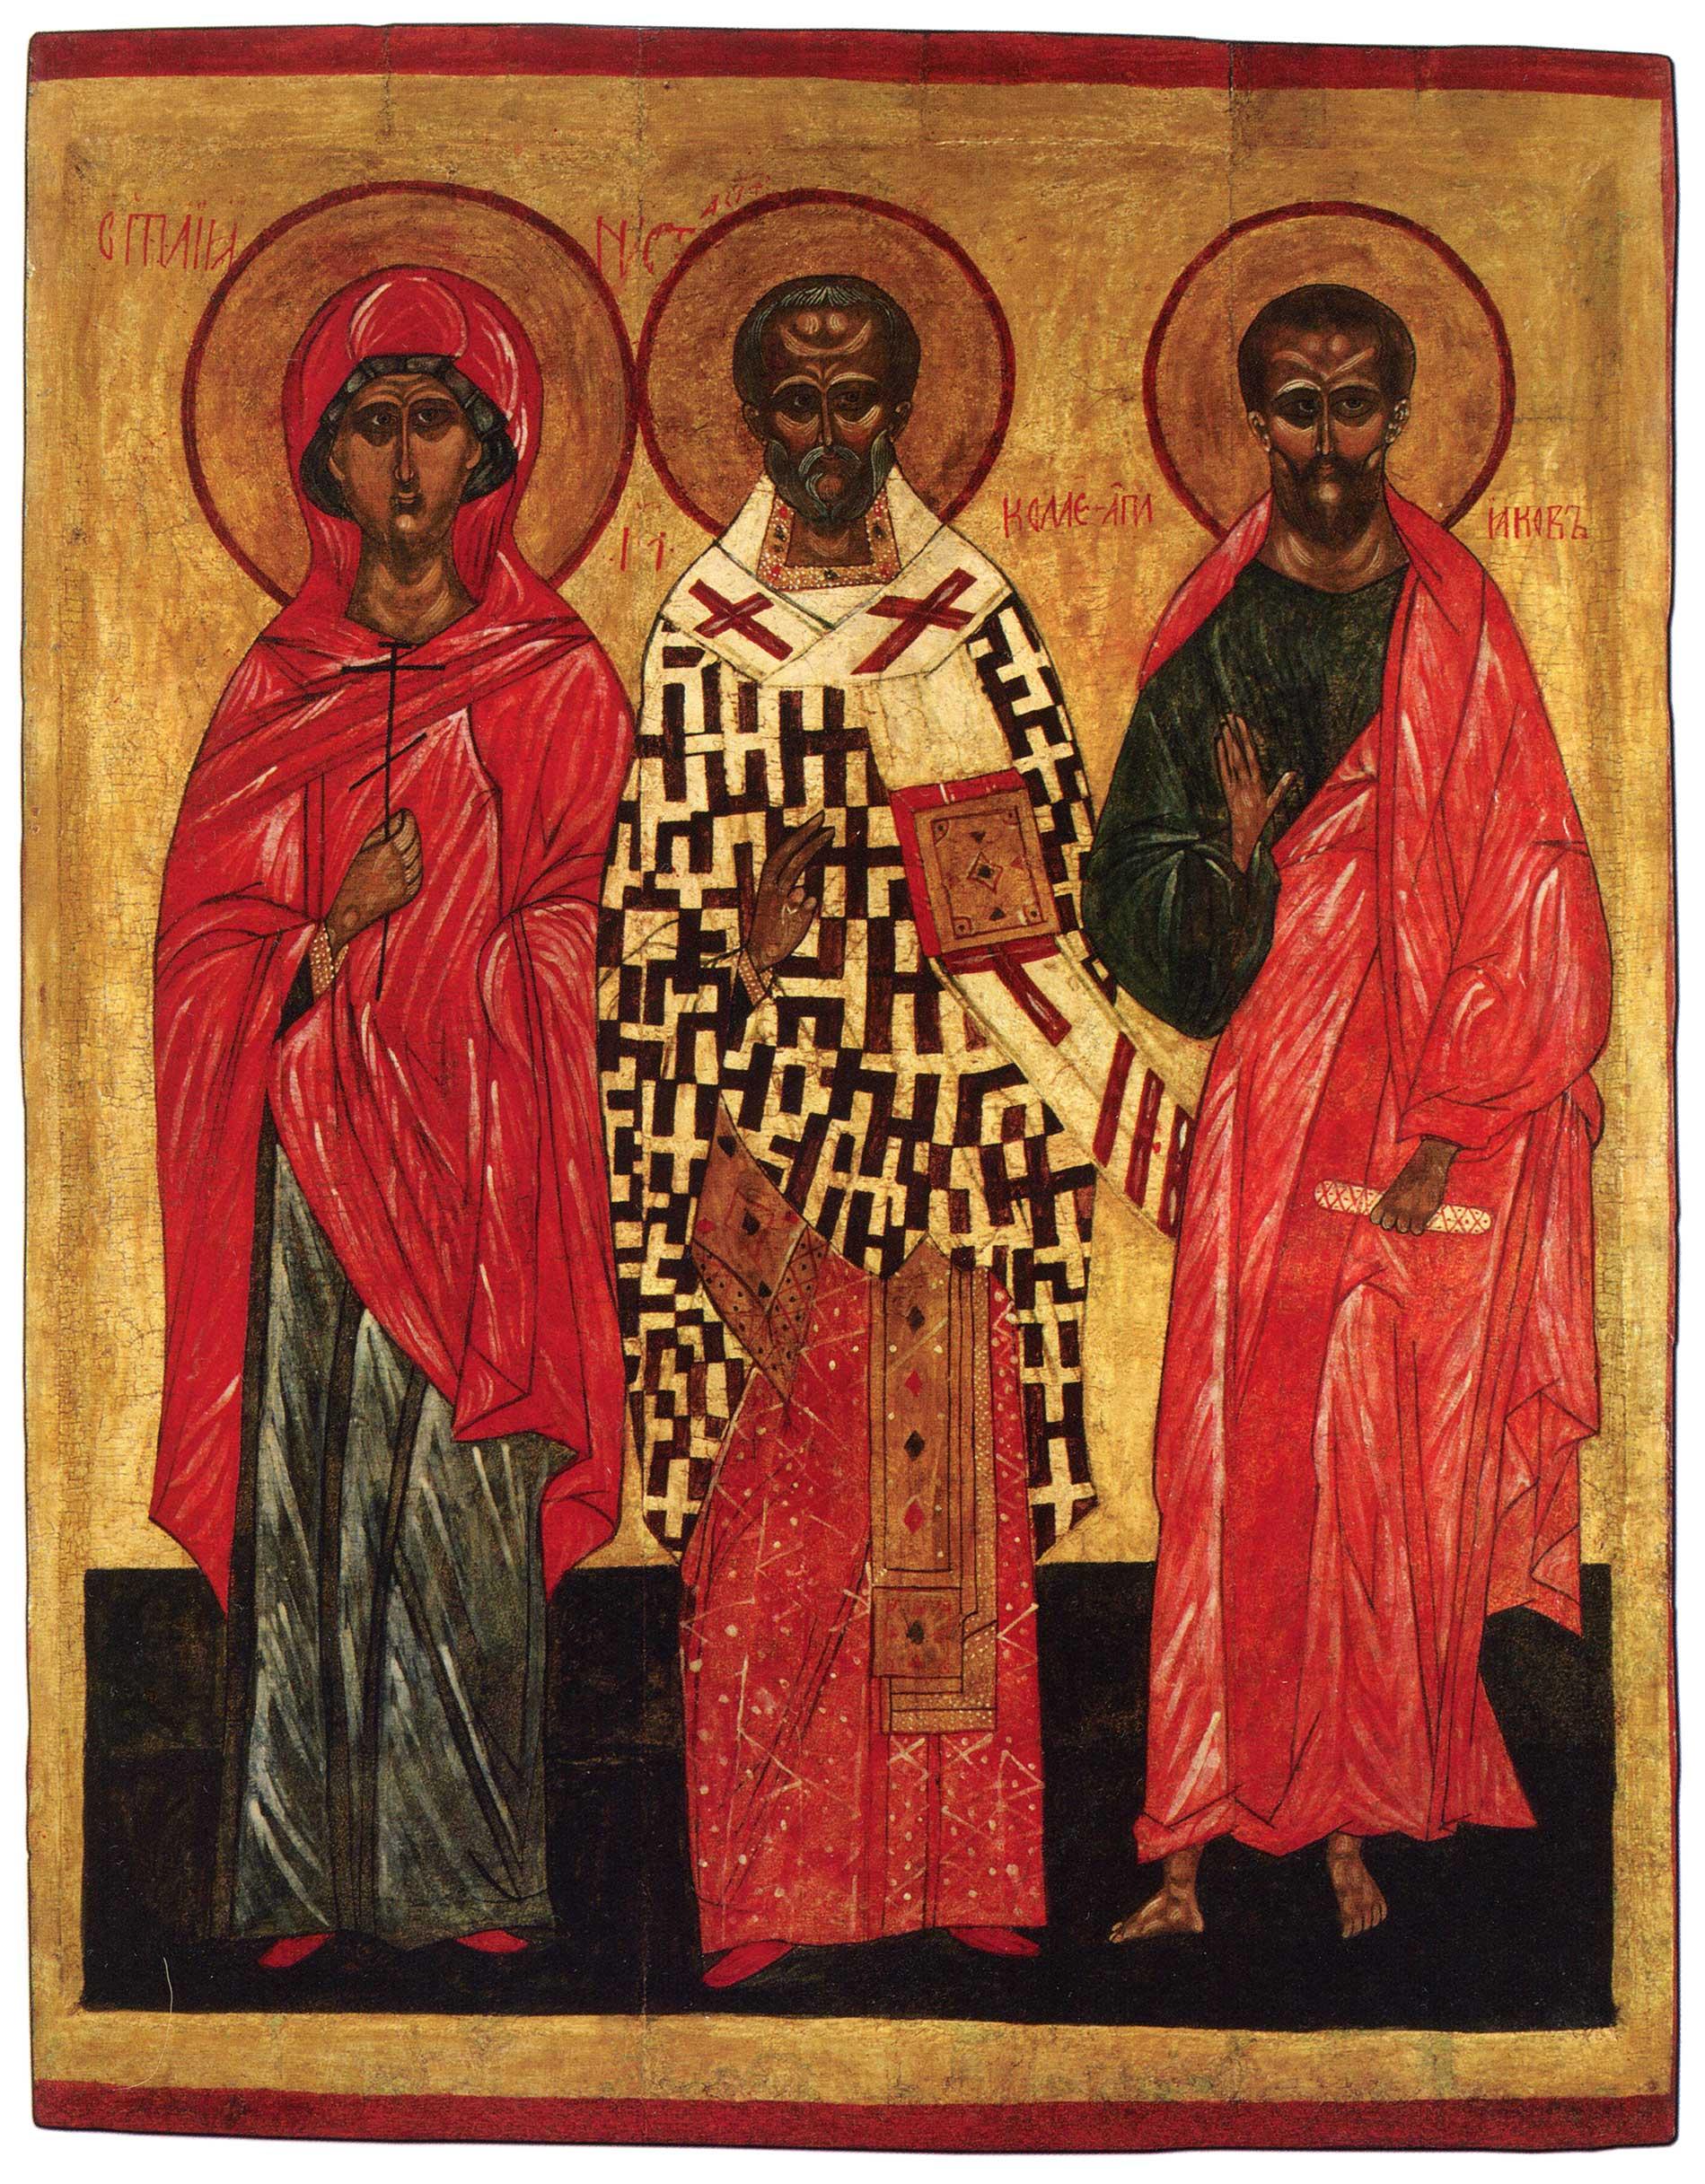 Избранные святые: Анастасия, Николай Чудотворец, апостол Иаков